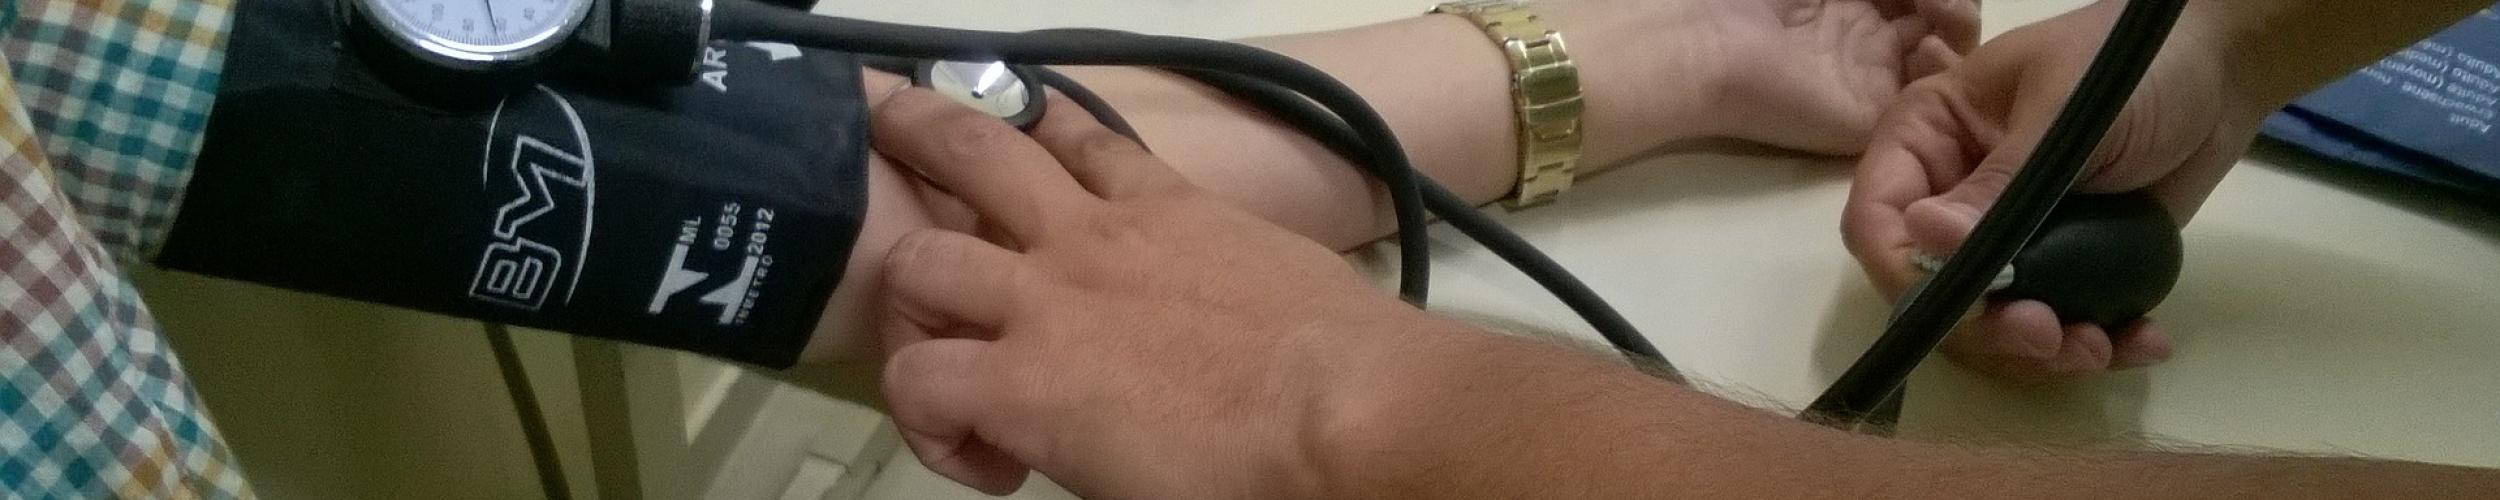 Ik zoek een dokter, apotheek of ziekenhuis